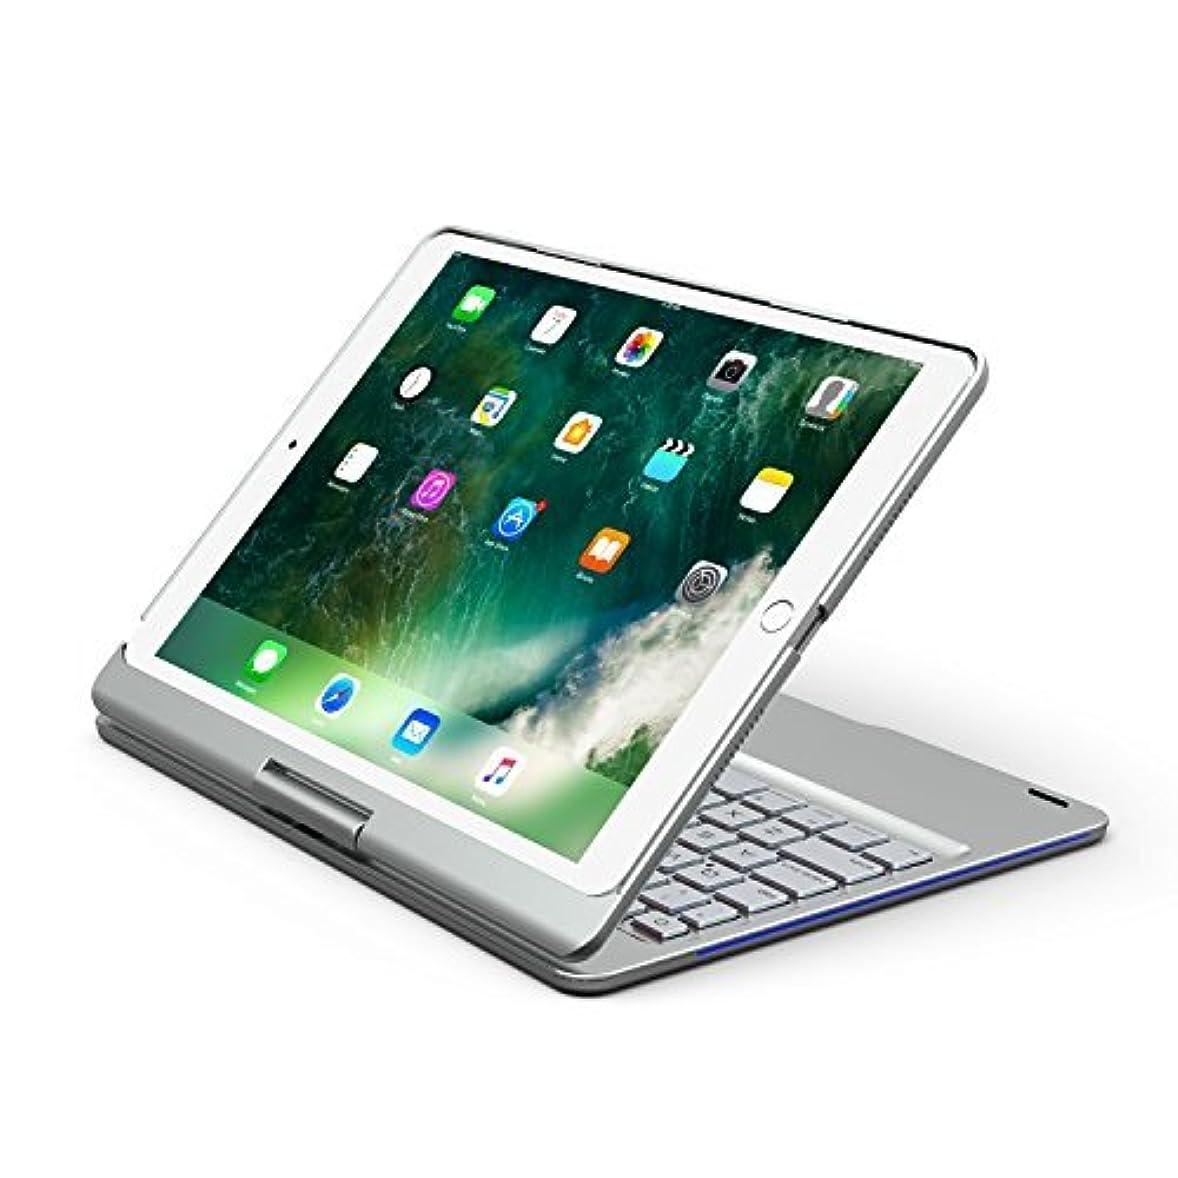 こねる大統領カウントiPad Pro 10.5キーボードケース、businda 7色バックライト付きキーボードケースカバー360 °回転スマートキーボードケース/スリープ付きiPad Pro 10.5 2017 New iPad シルバー